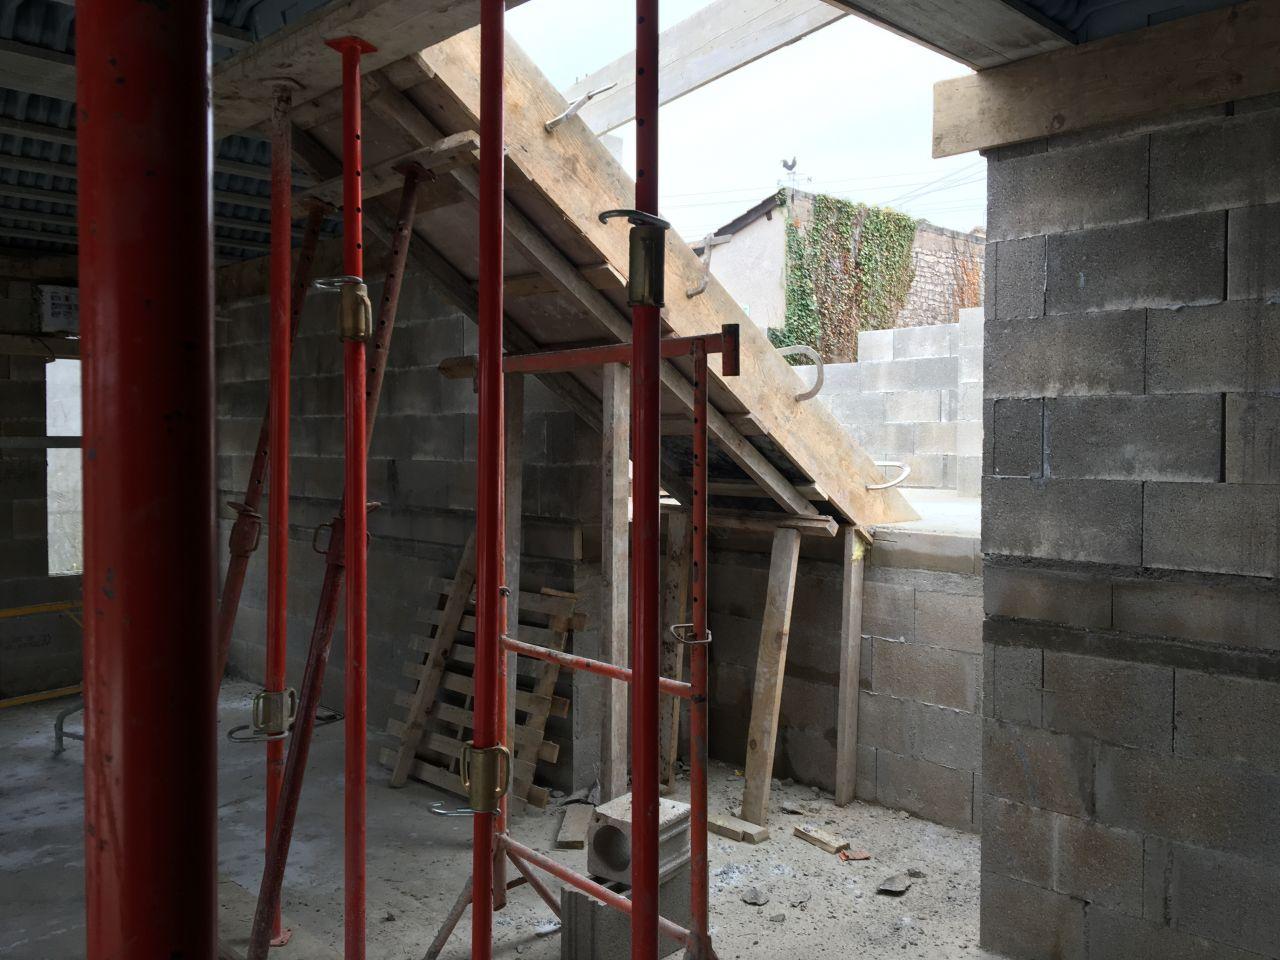 Coulage de l'escalier montant du rez-de-chaussée à l'étage